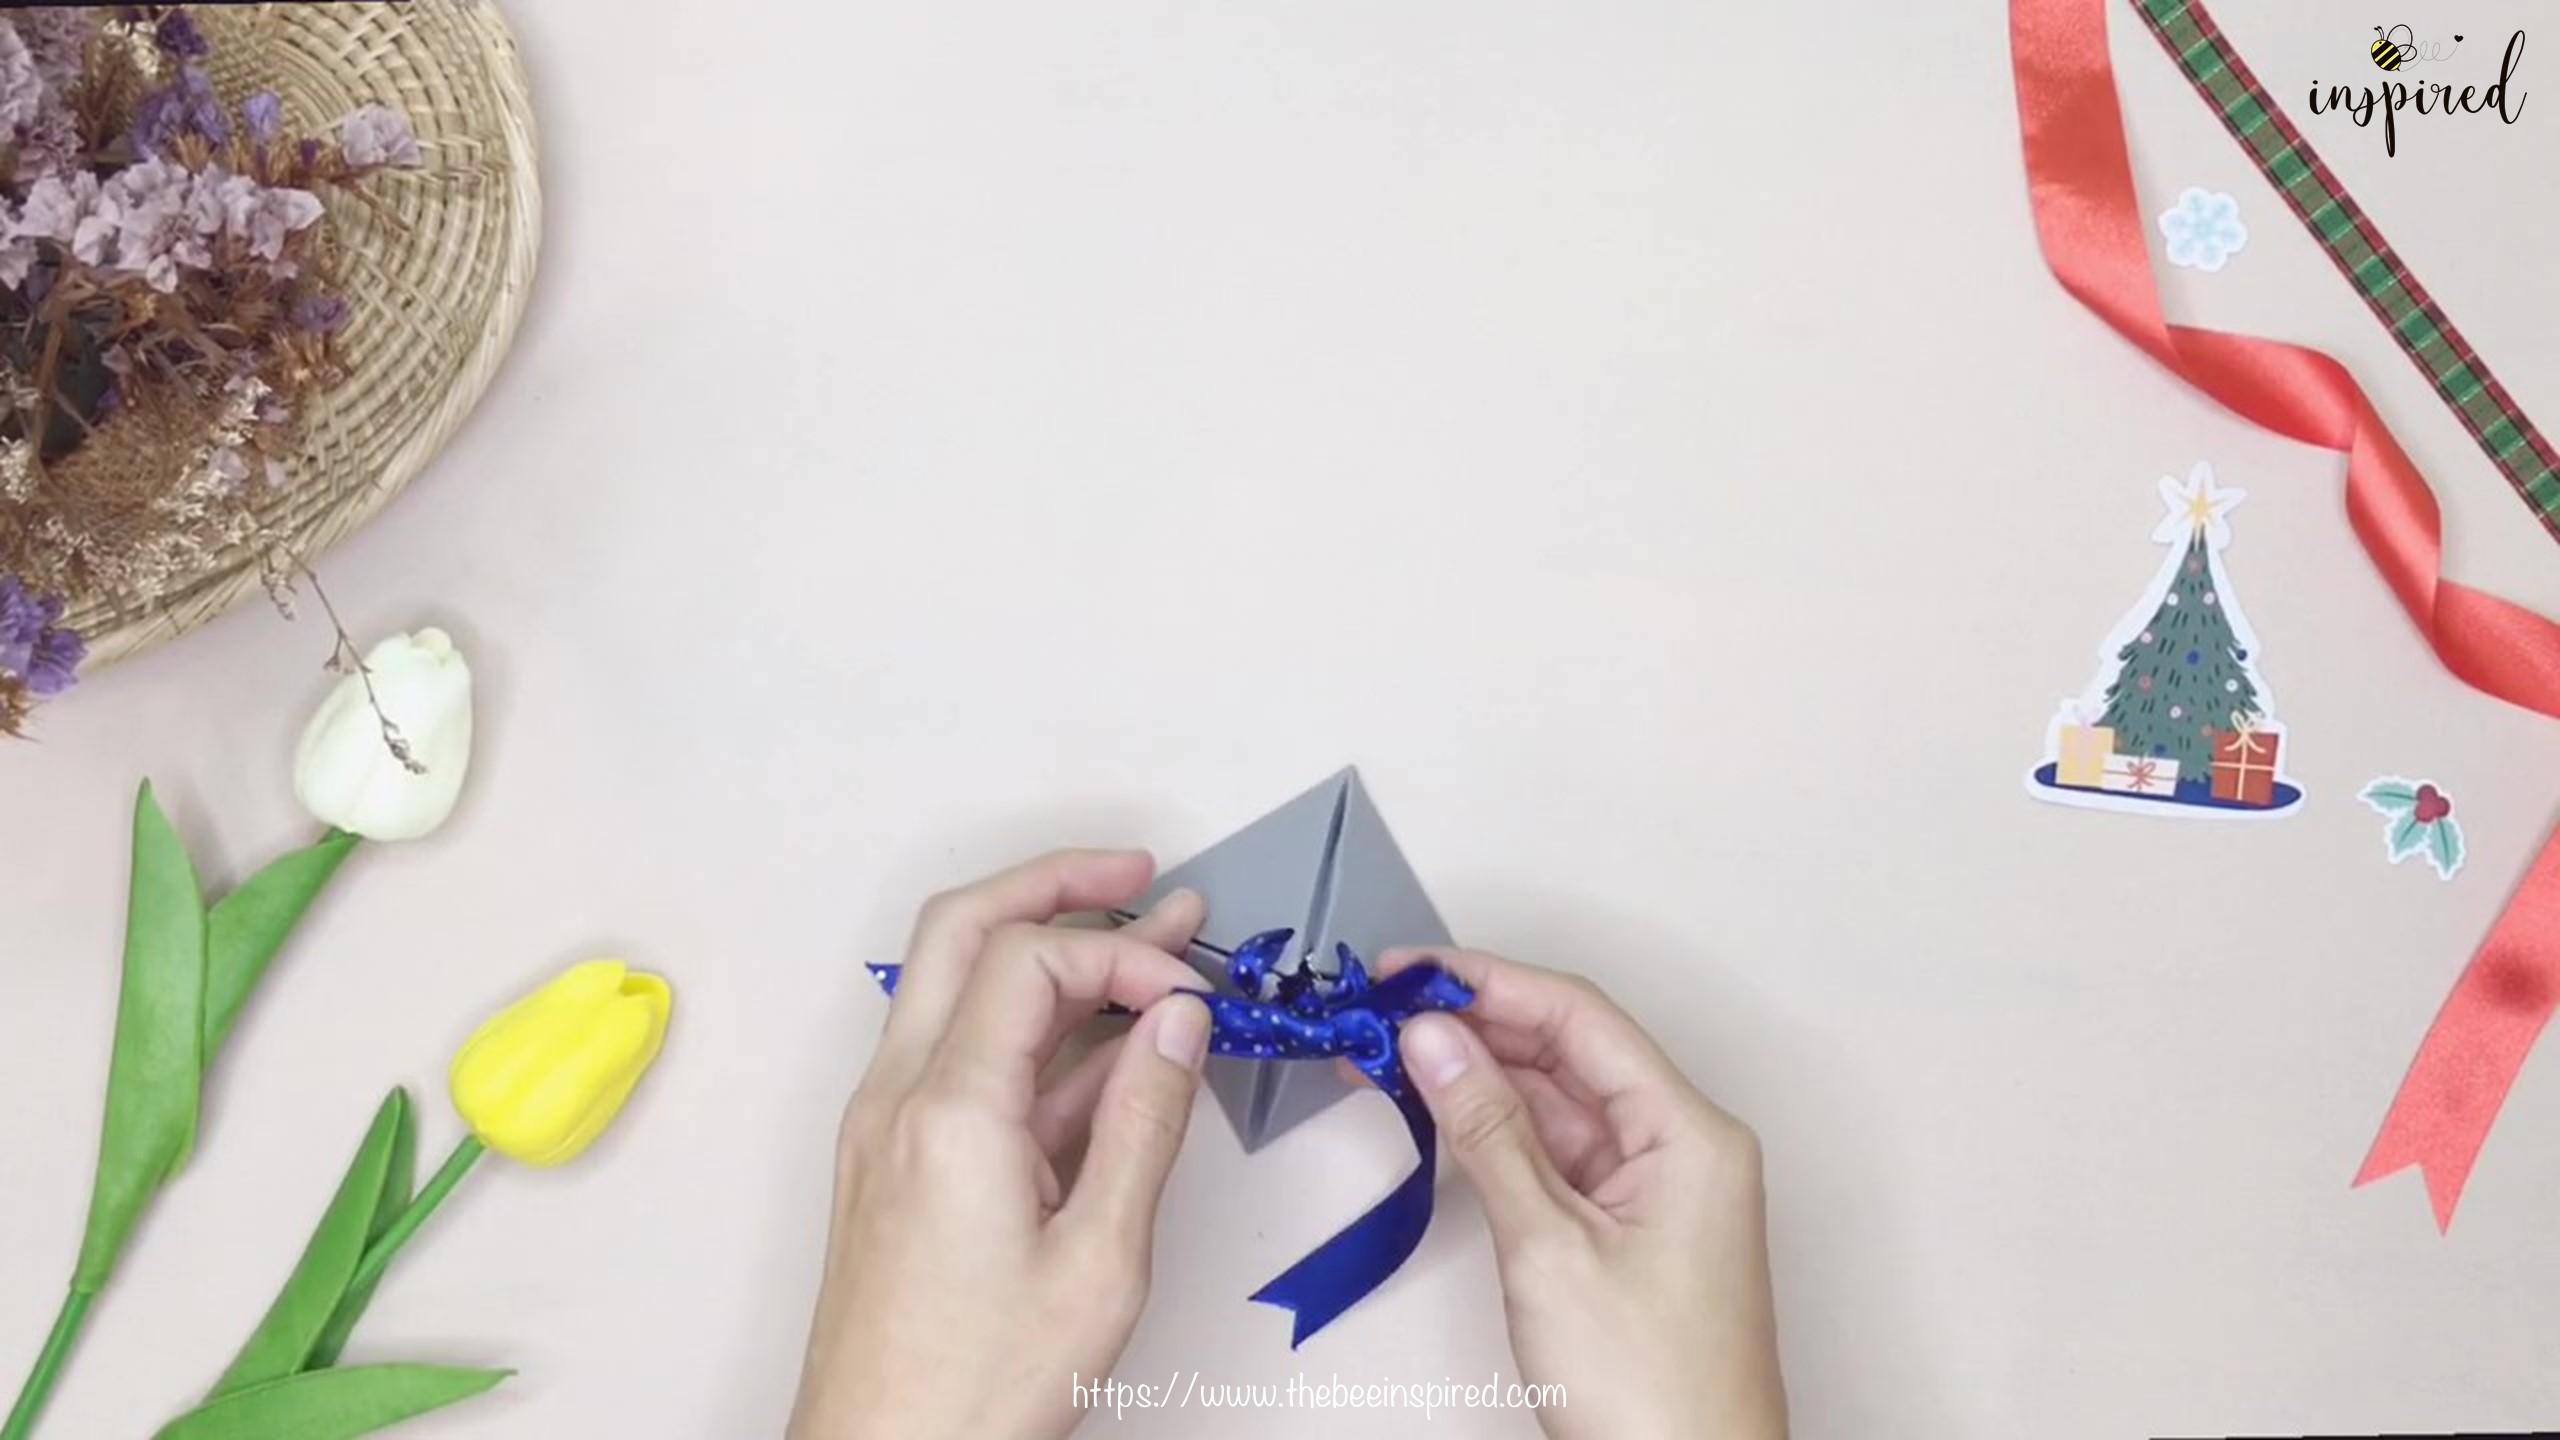 วิธีทำกล่องของขวัญวันวาเลนไทน์น่ารักๆ ทรงพีระมิดจากกระดาษแผ่นเดียว+ไม่ใช้กาว_ DIY pyramid gift box_14